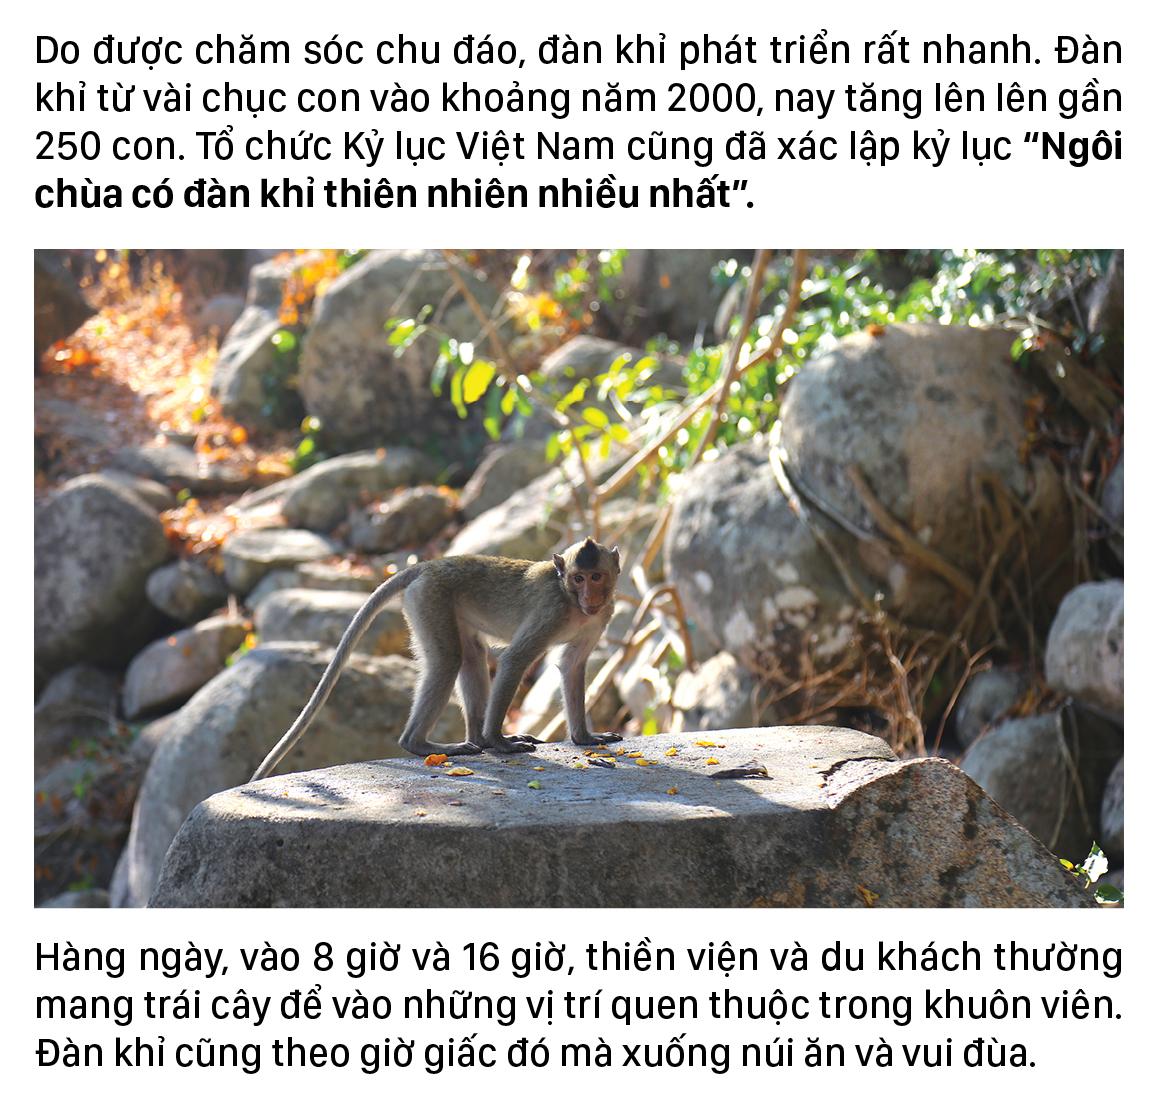 Đàn khỉ sống thân thiện với con người dưới chân núi Kỳ Vân ảnh 6